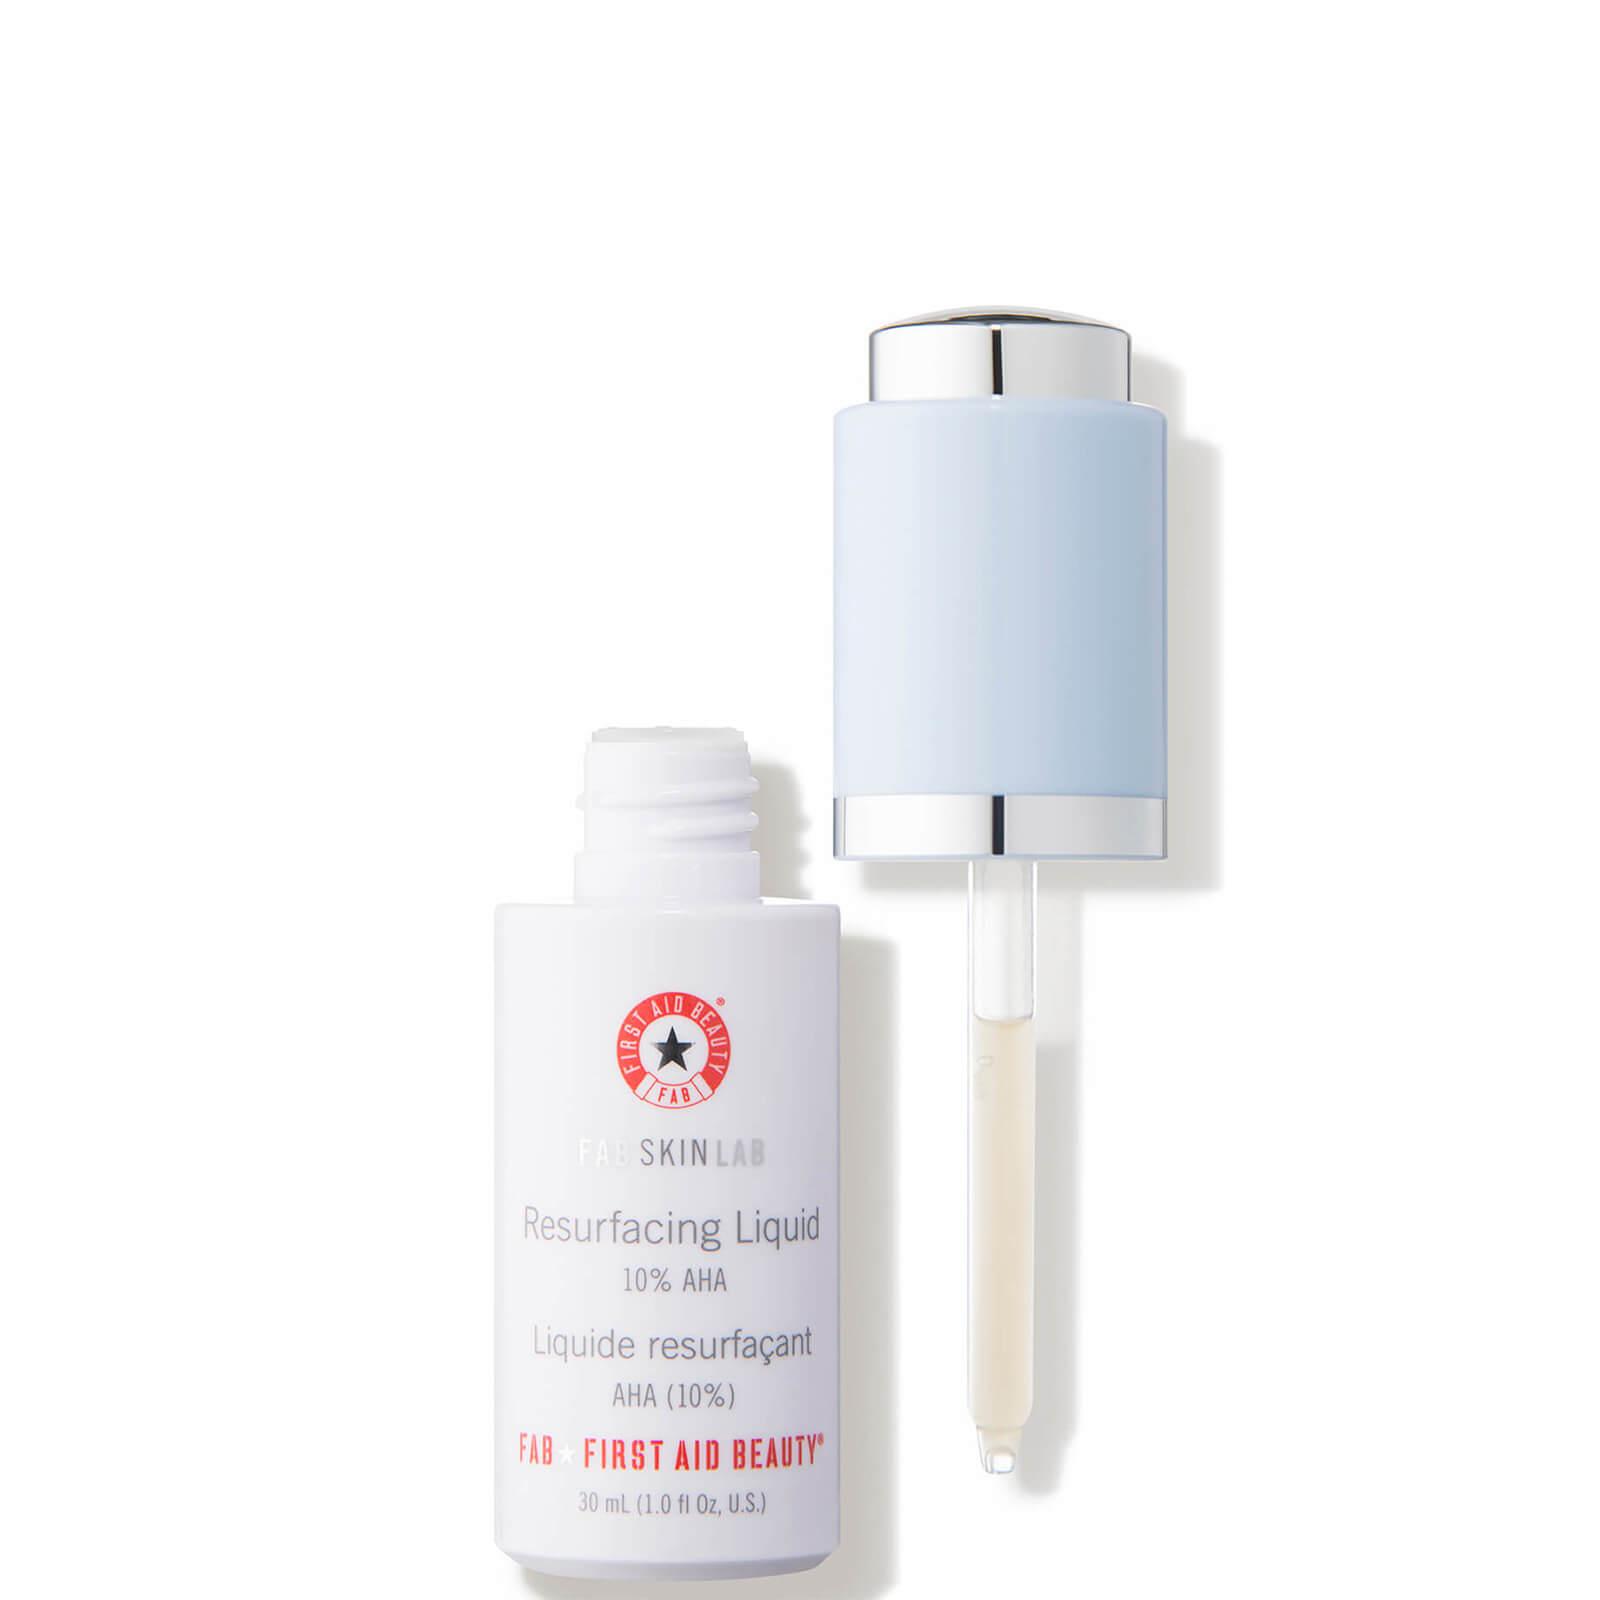 Купить Восстанавливающая сыворотка First Aid Beauty Skin Lab Resurfacing Liquid 30 мл (10 % AHA)